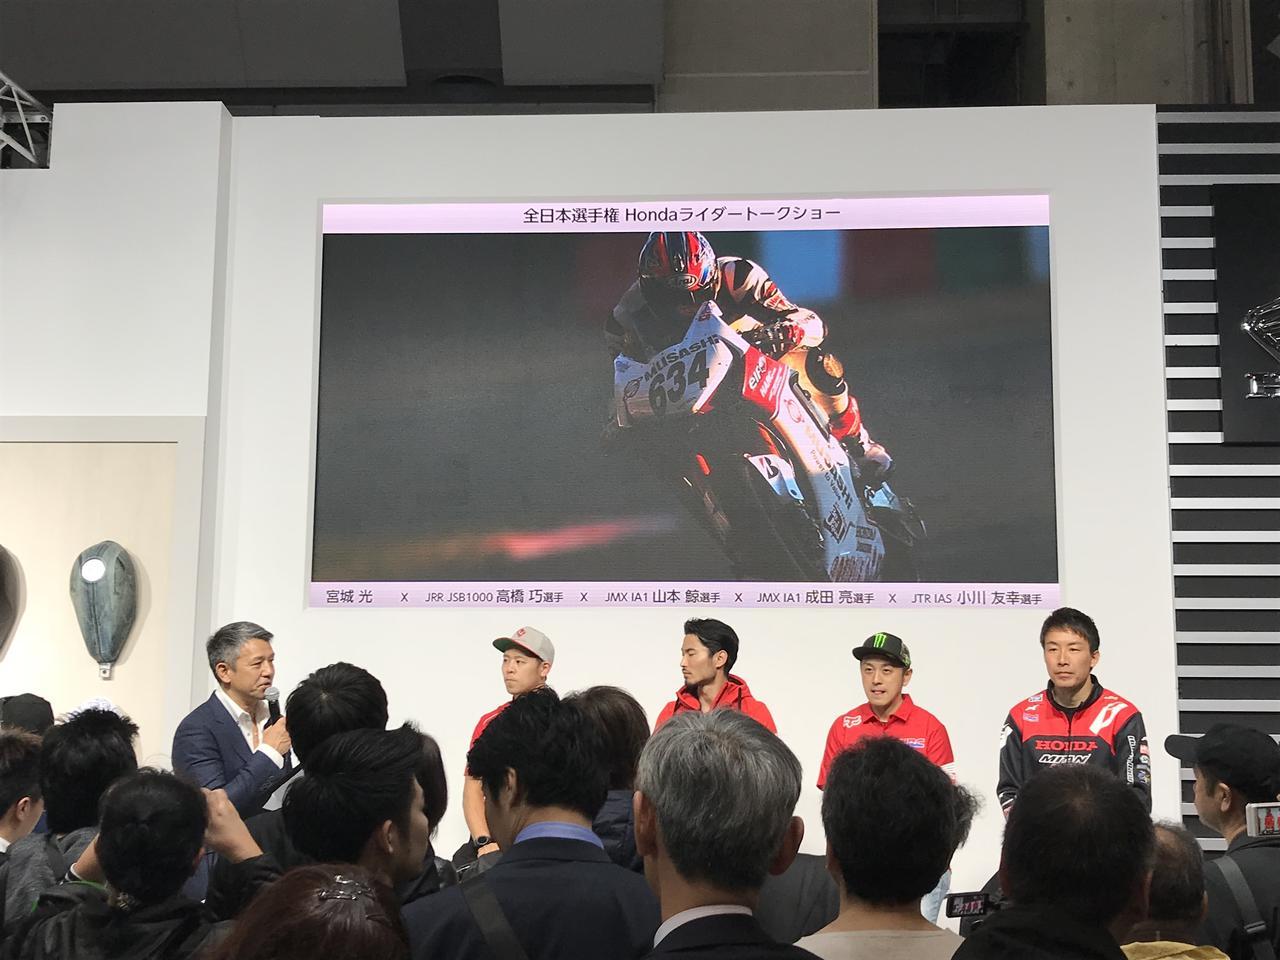 画像: ちょっと遠いですが・・・左から宮城光(モデレーター)/高橋巧選手(JRR JSB1000)/山本鯨選手(JMX IA1)/成田亮選手(JMX IA1)/小川友幸選手(JTR IAS)。